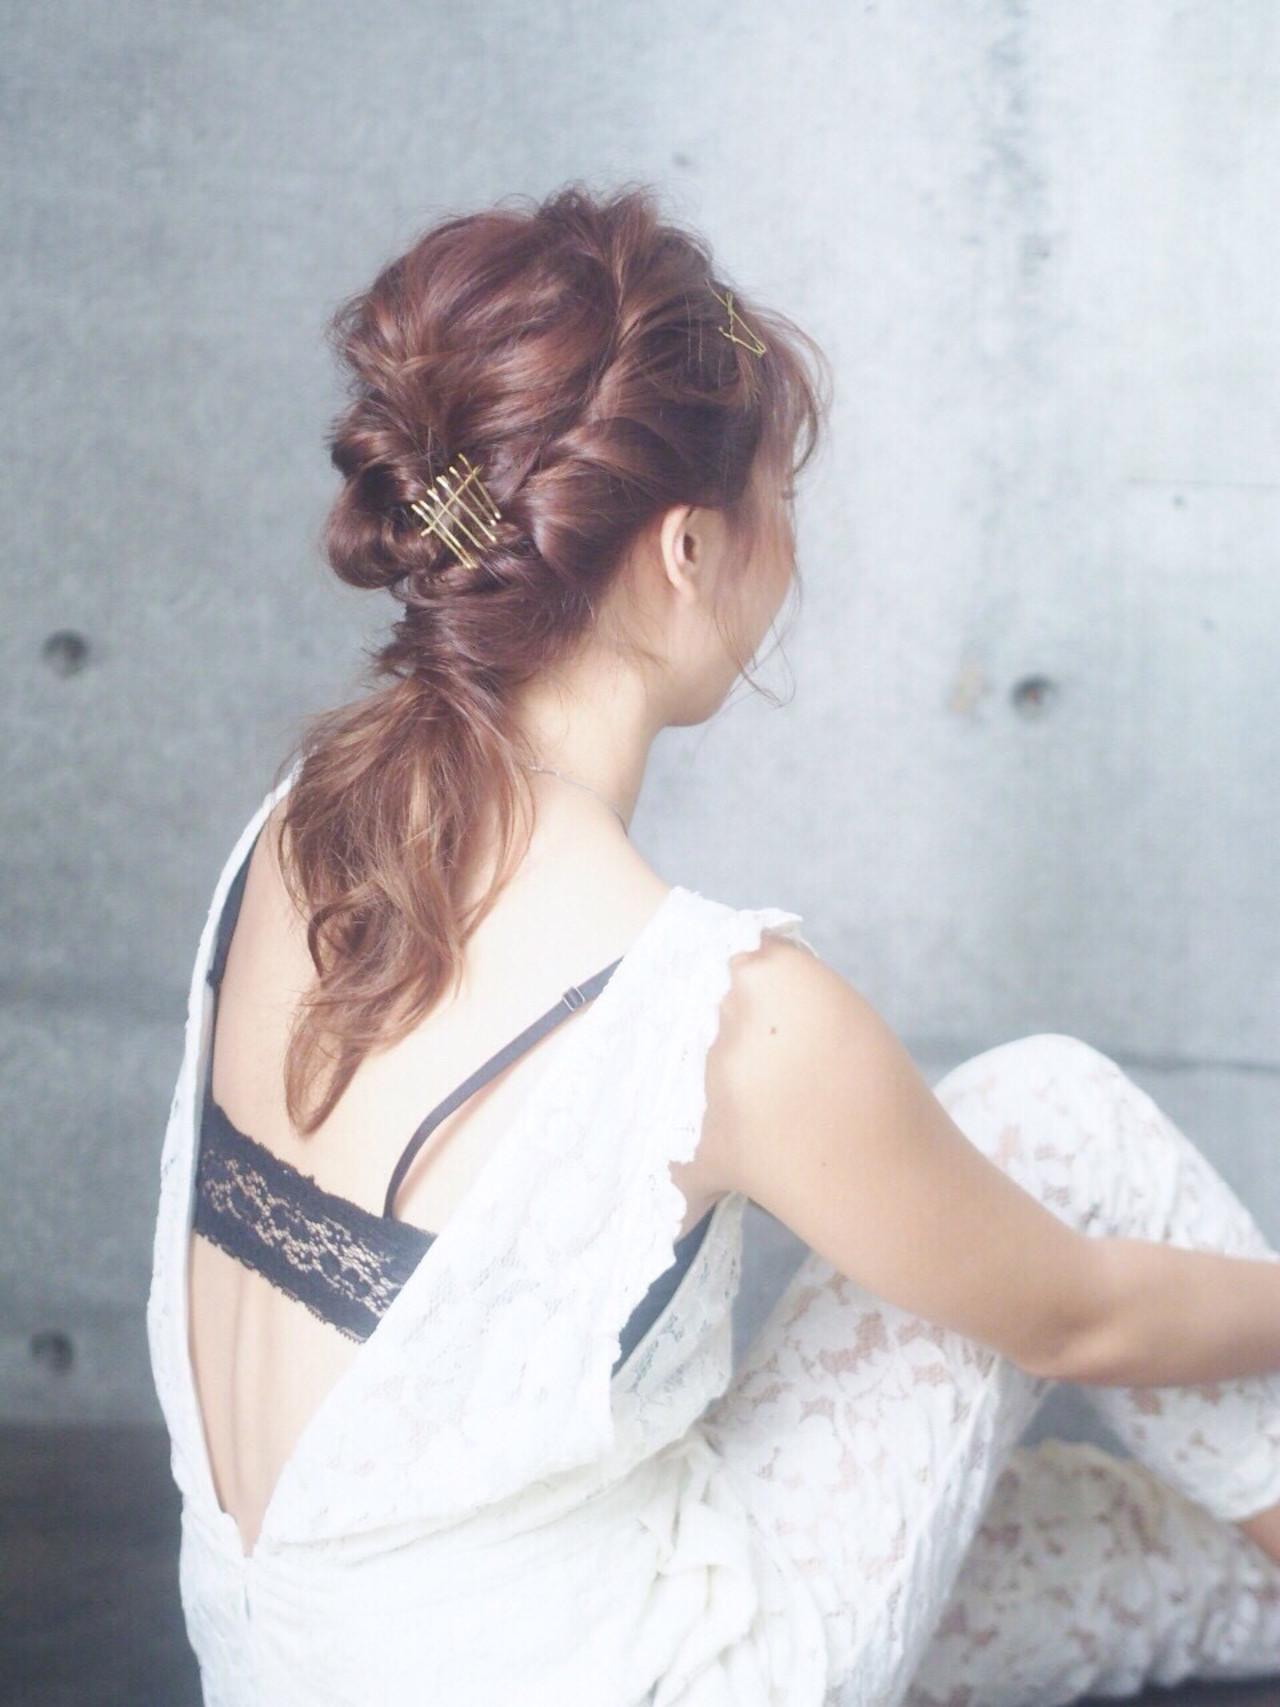 [詳しい方法付き]毎日をオシャレに飾りたい!誰でもできる簡単ヘアアレンジ特集 出典:秋山 優奈